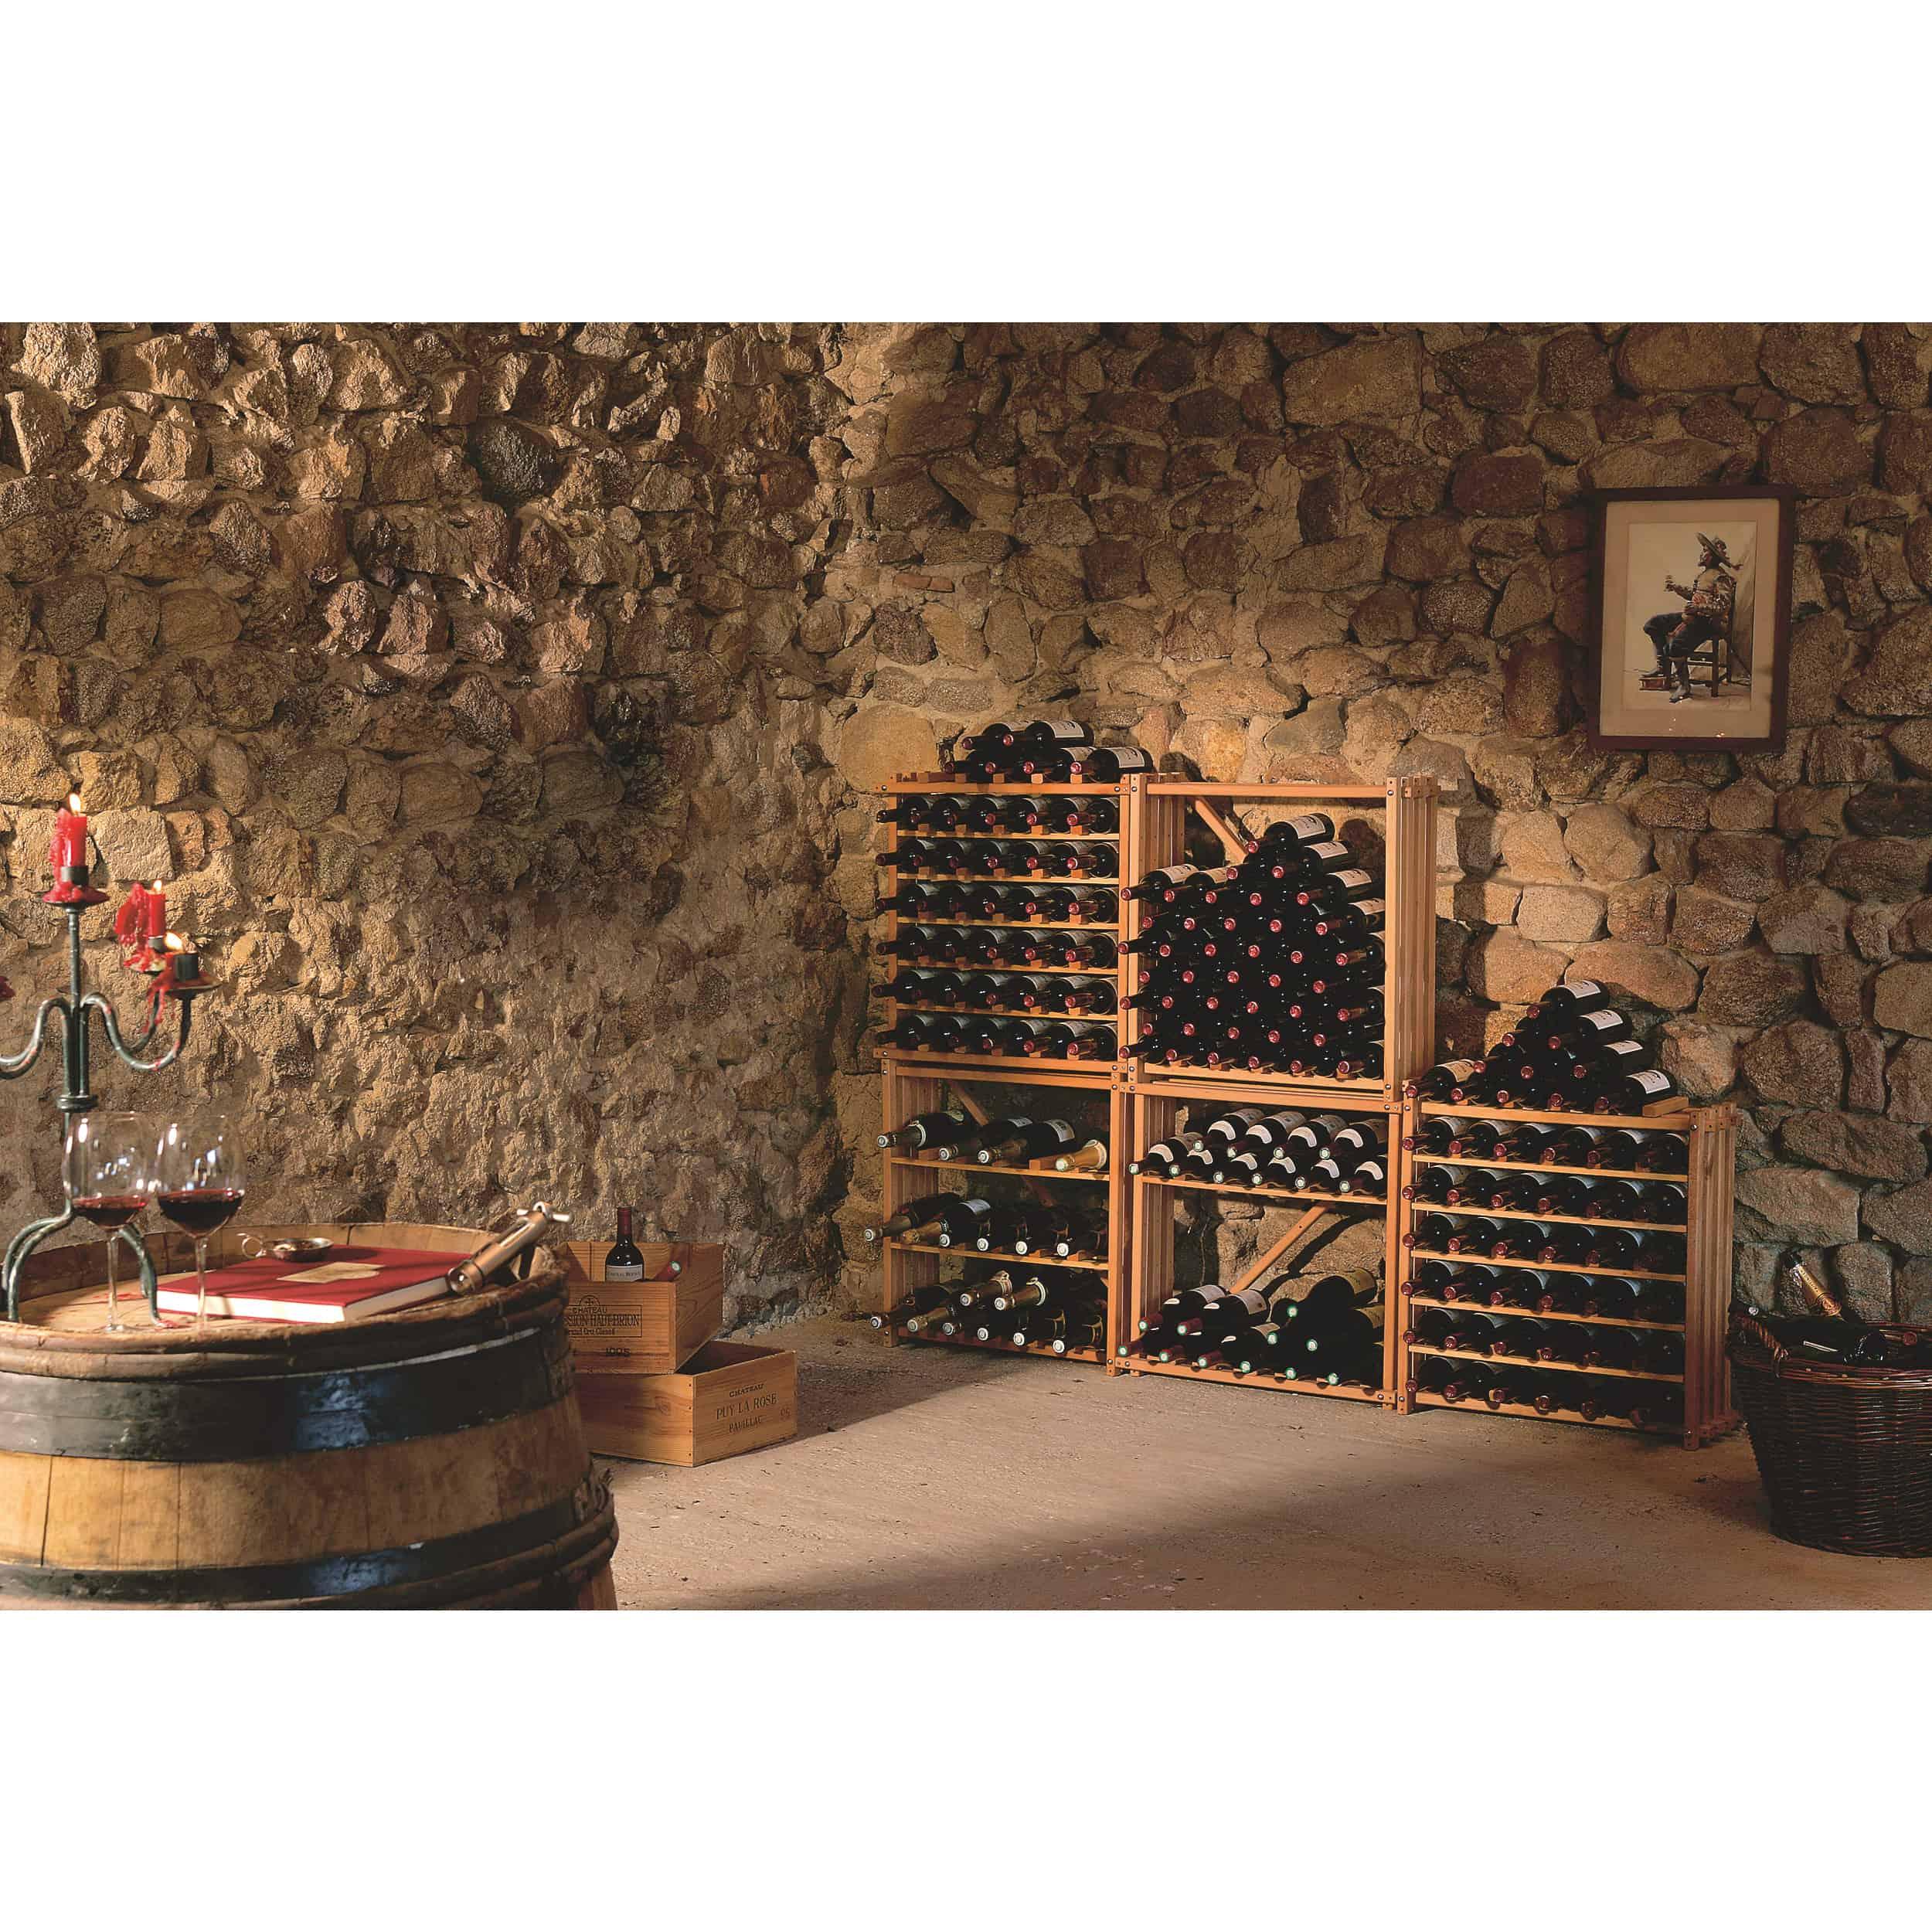 יחידות מידוף למרתף יין